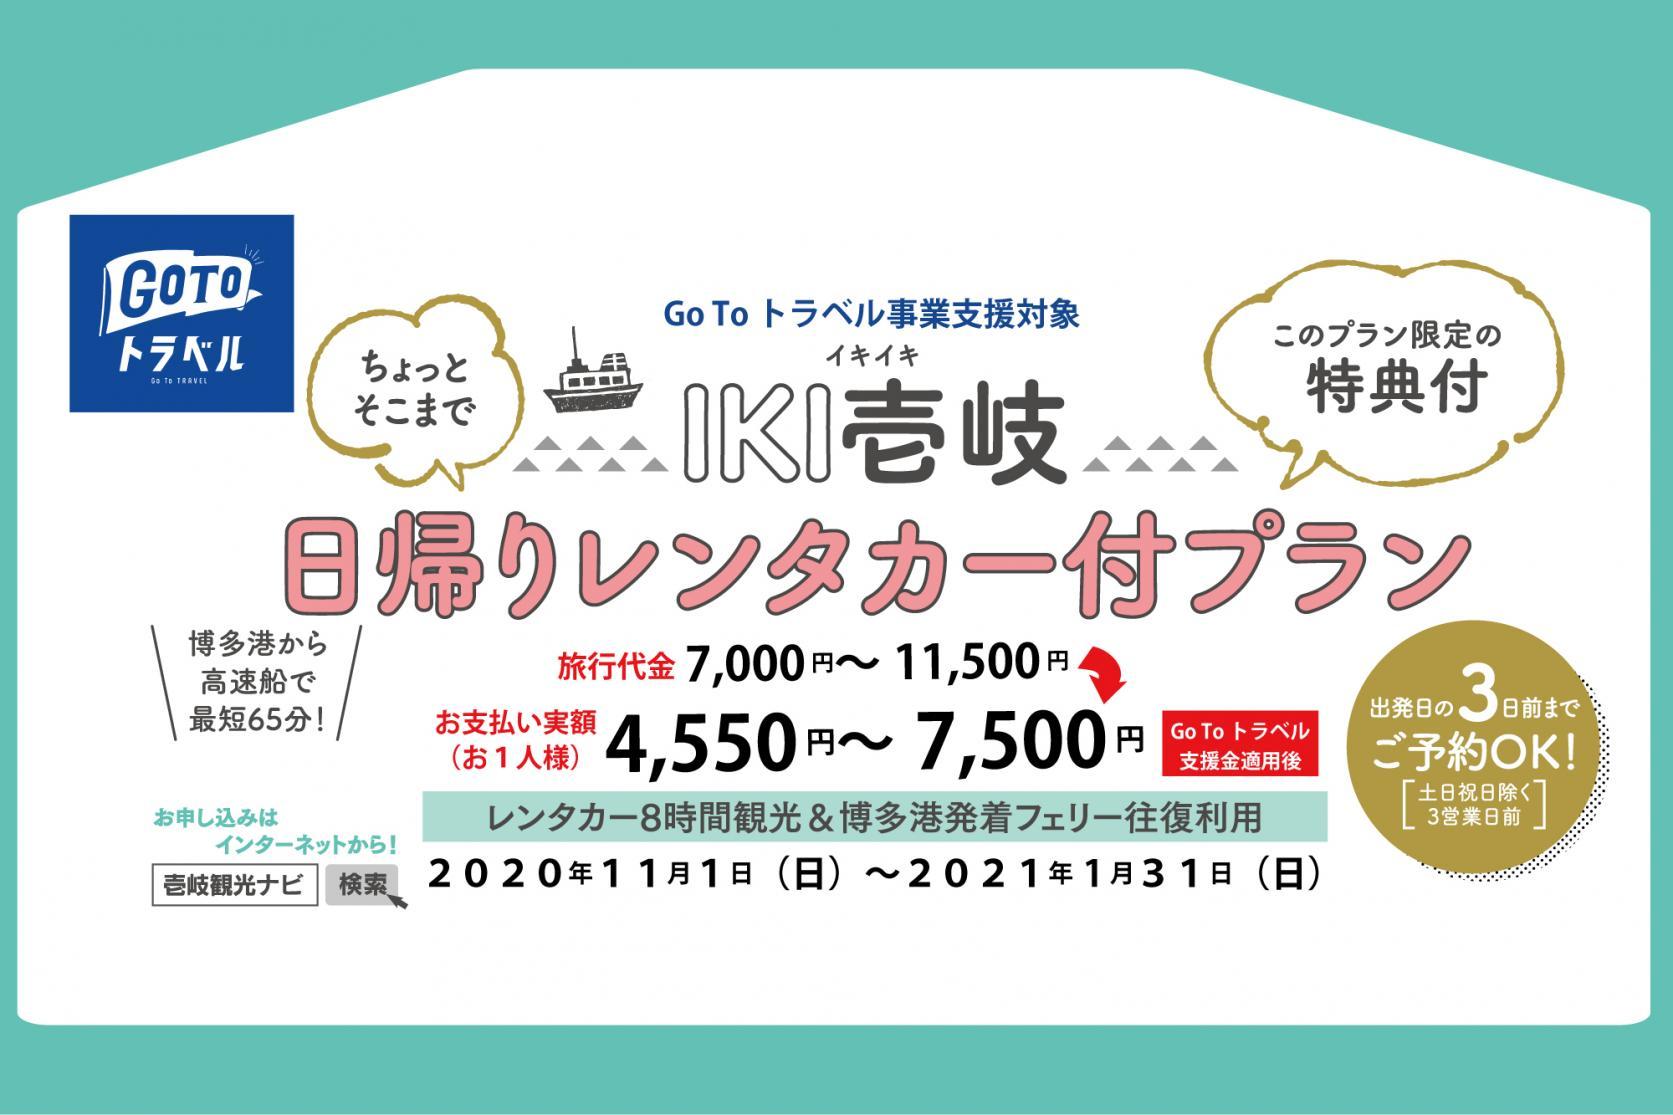 11/1~ Go Toトラベル事業支援対象商品 IKI壱岐日帰りレンタカー付プラン-0